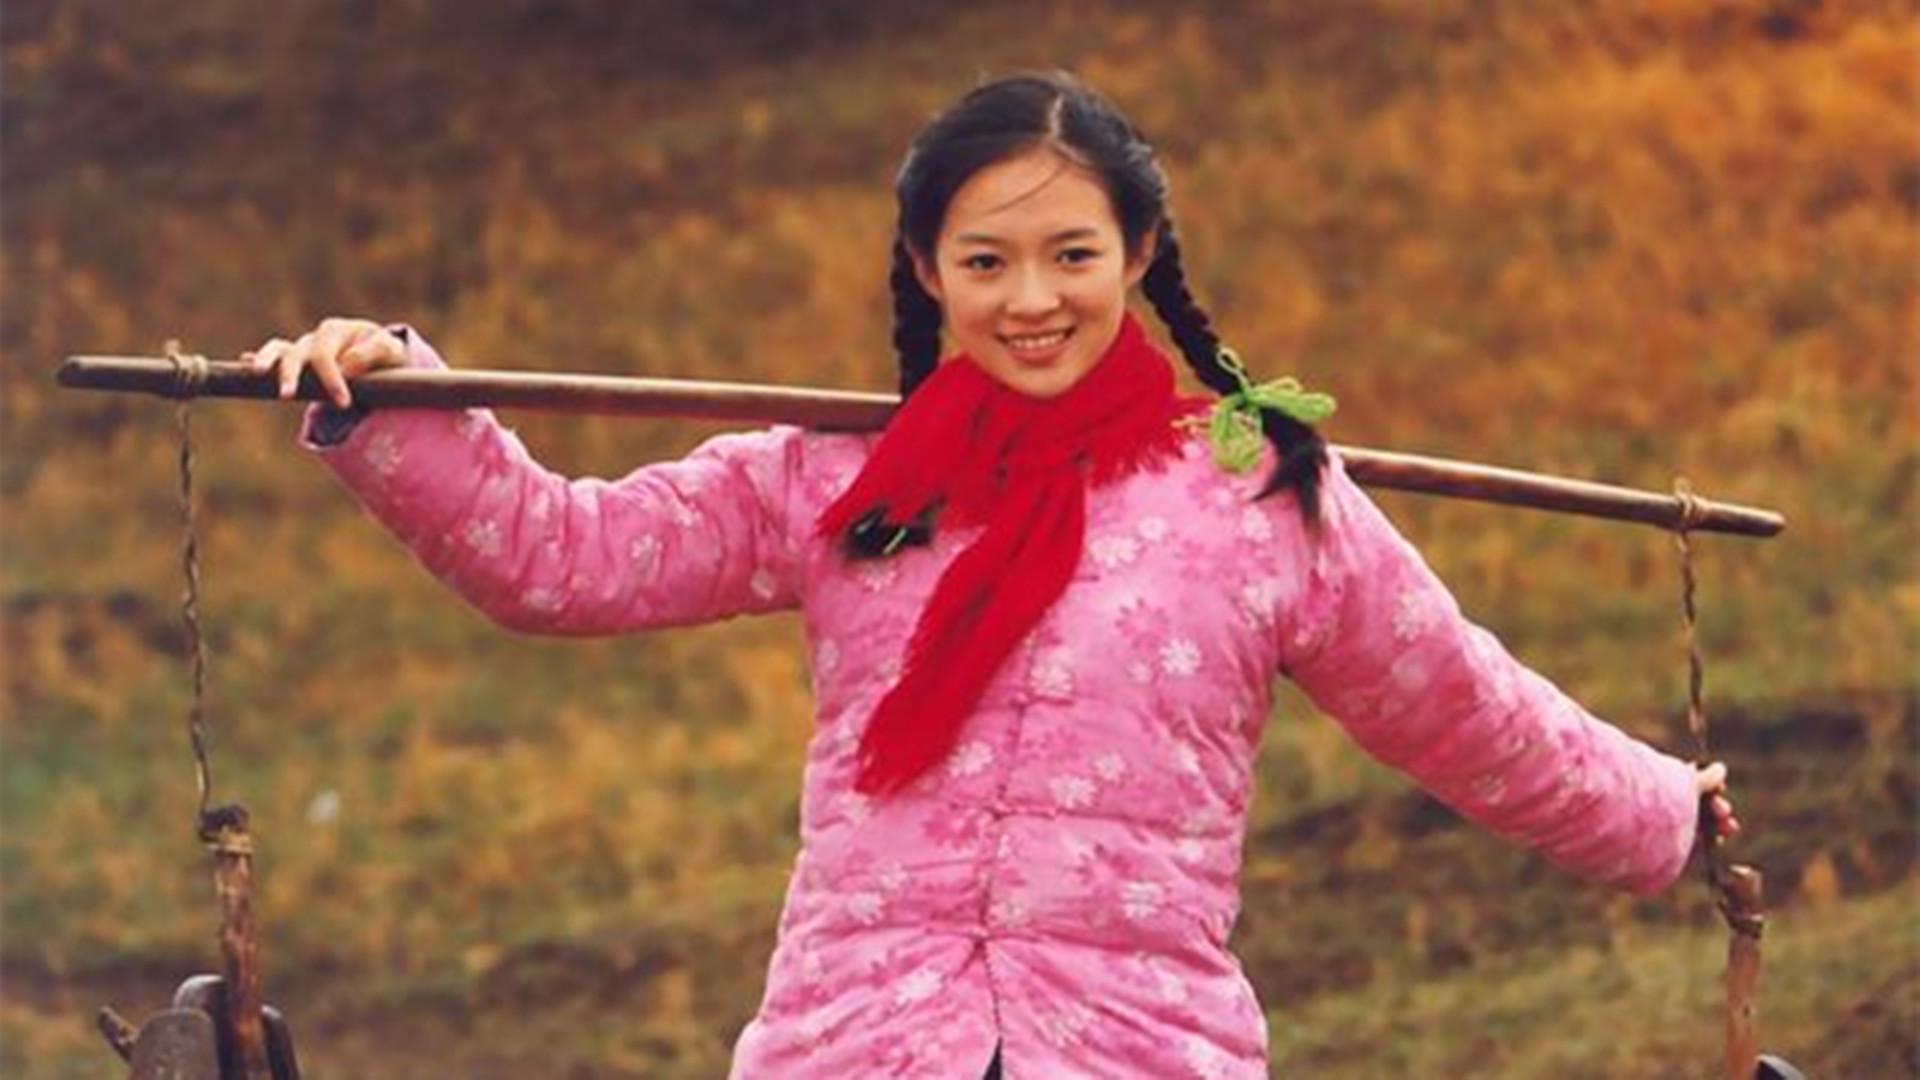 <b>电影中扮演村姑的演员,闫妮泼辣,刘亦菲大概是最有仙气的村姑了</b>